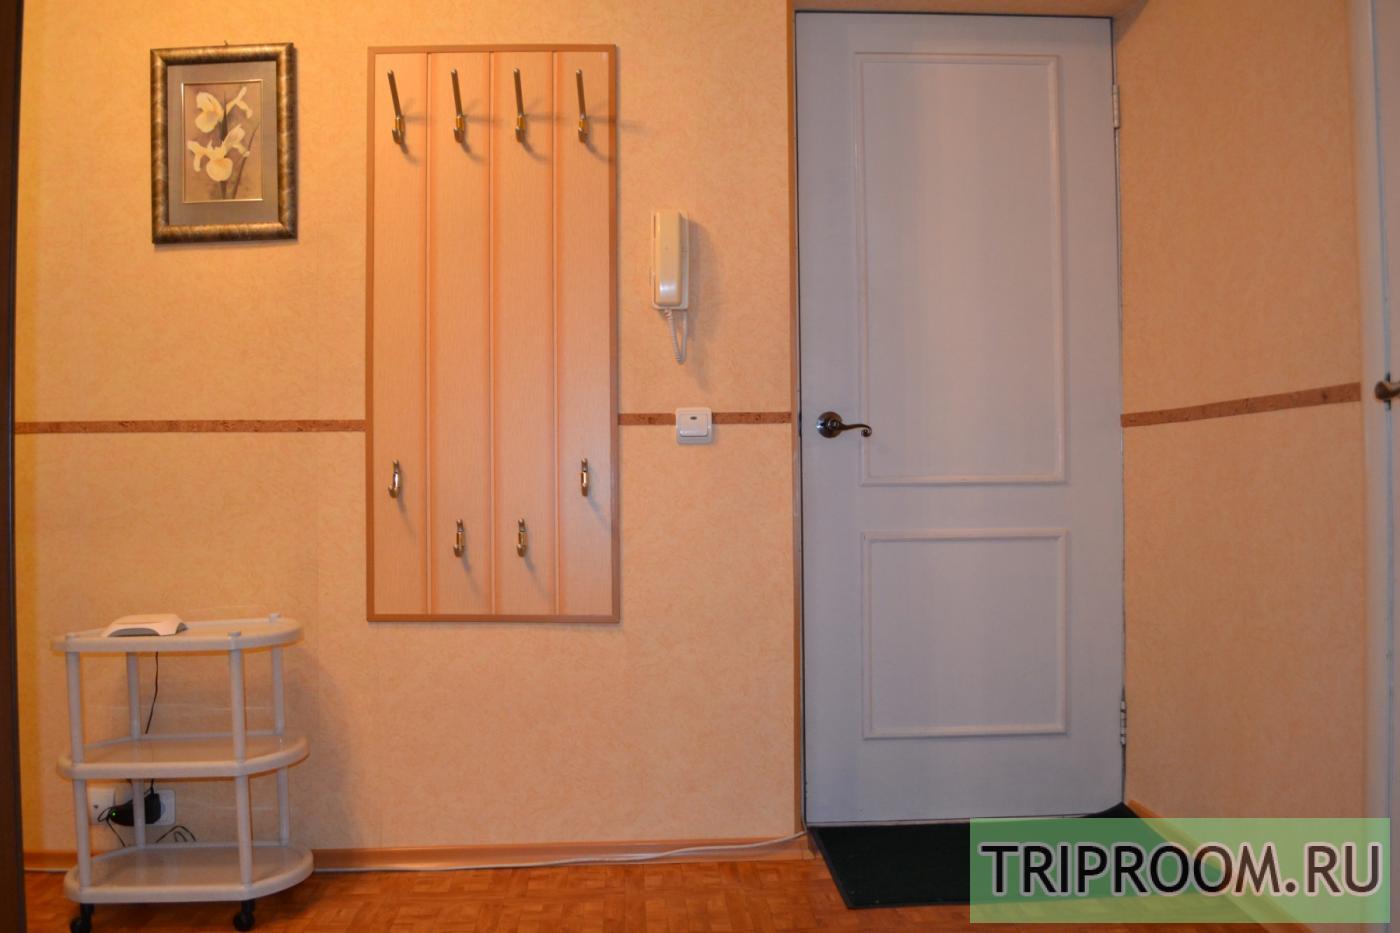 2-комнатная квартира посуточно (вариант № 5718), ул. Воровского улица, фото № 11